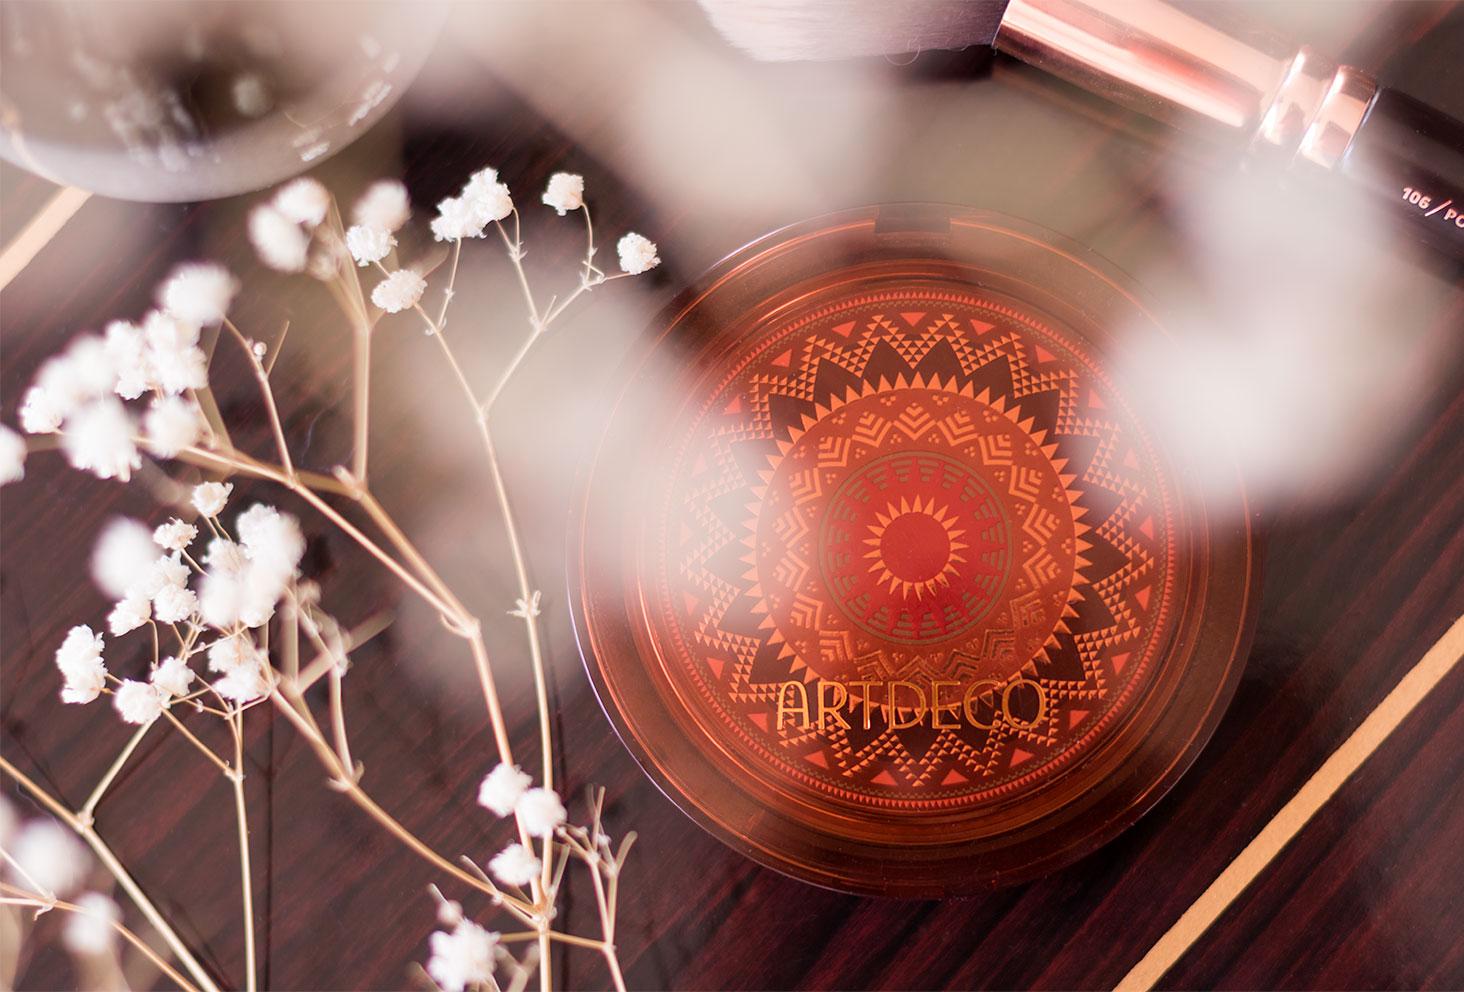 La poudre bronzante ARTDECO fermée vu de haut, posée sur une table vernis en bois au milieu des fleurs séchées